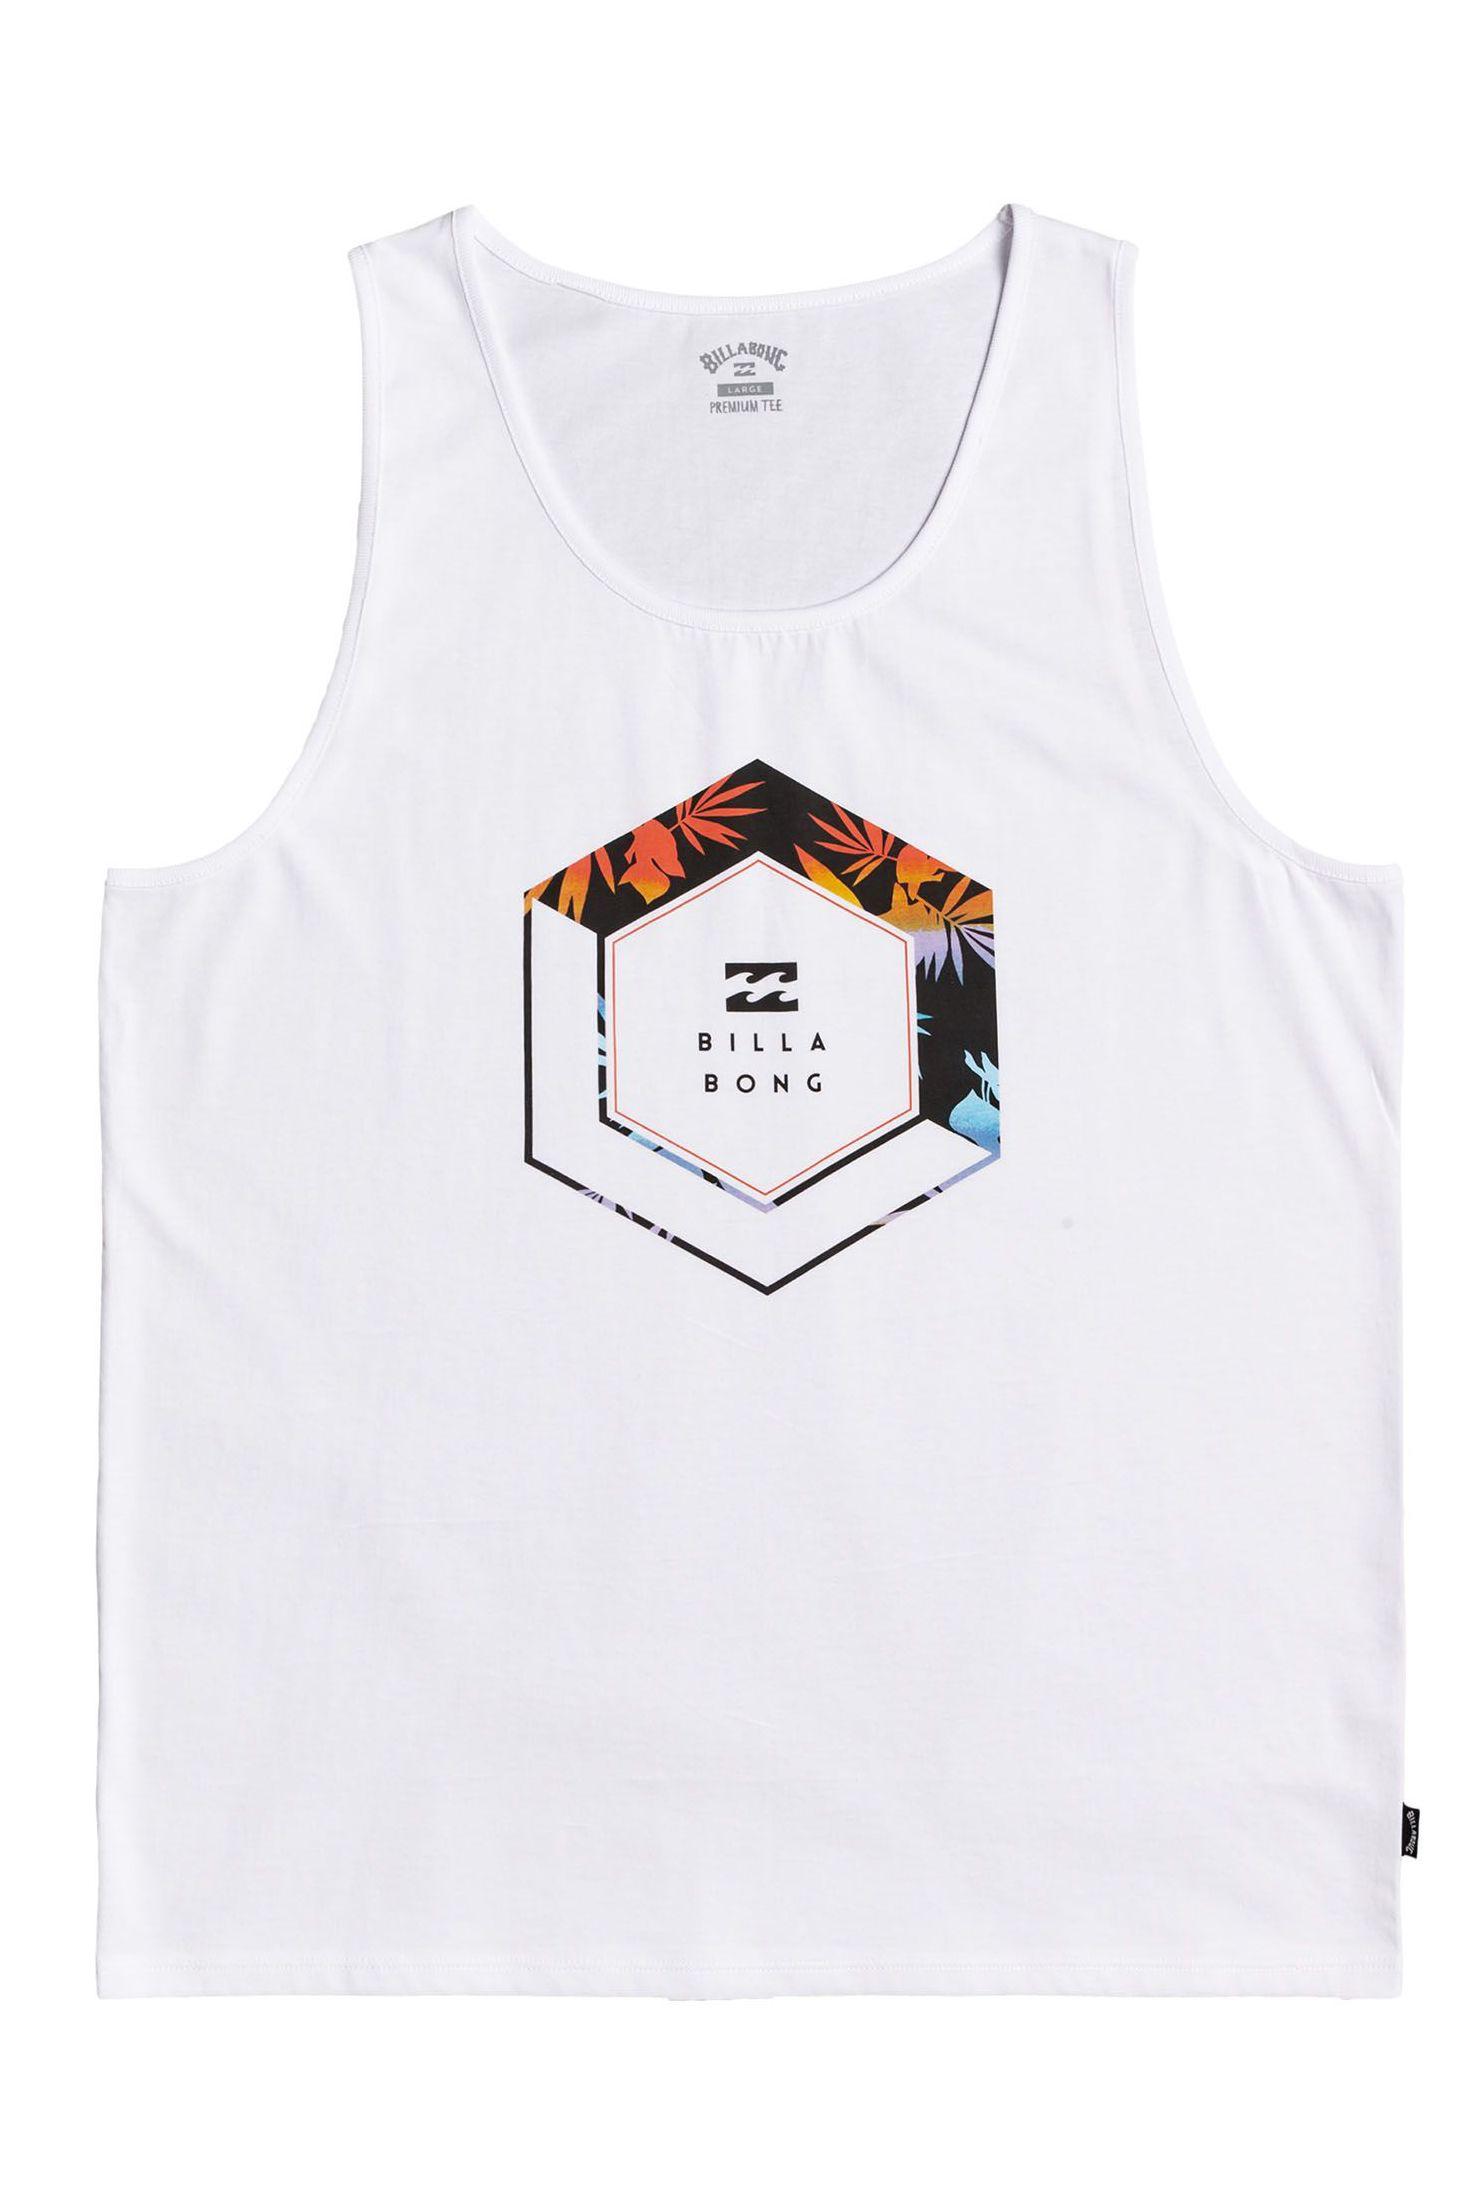 Billabong T-Shirt Tank Top ACCESS TANK White